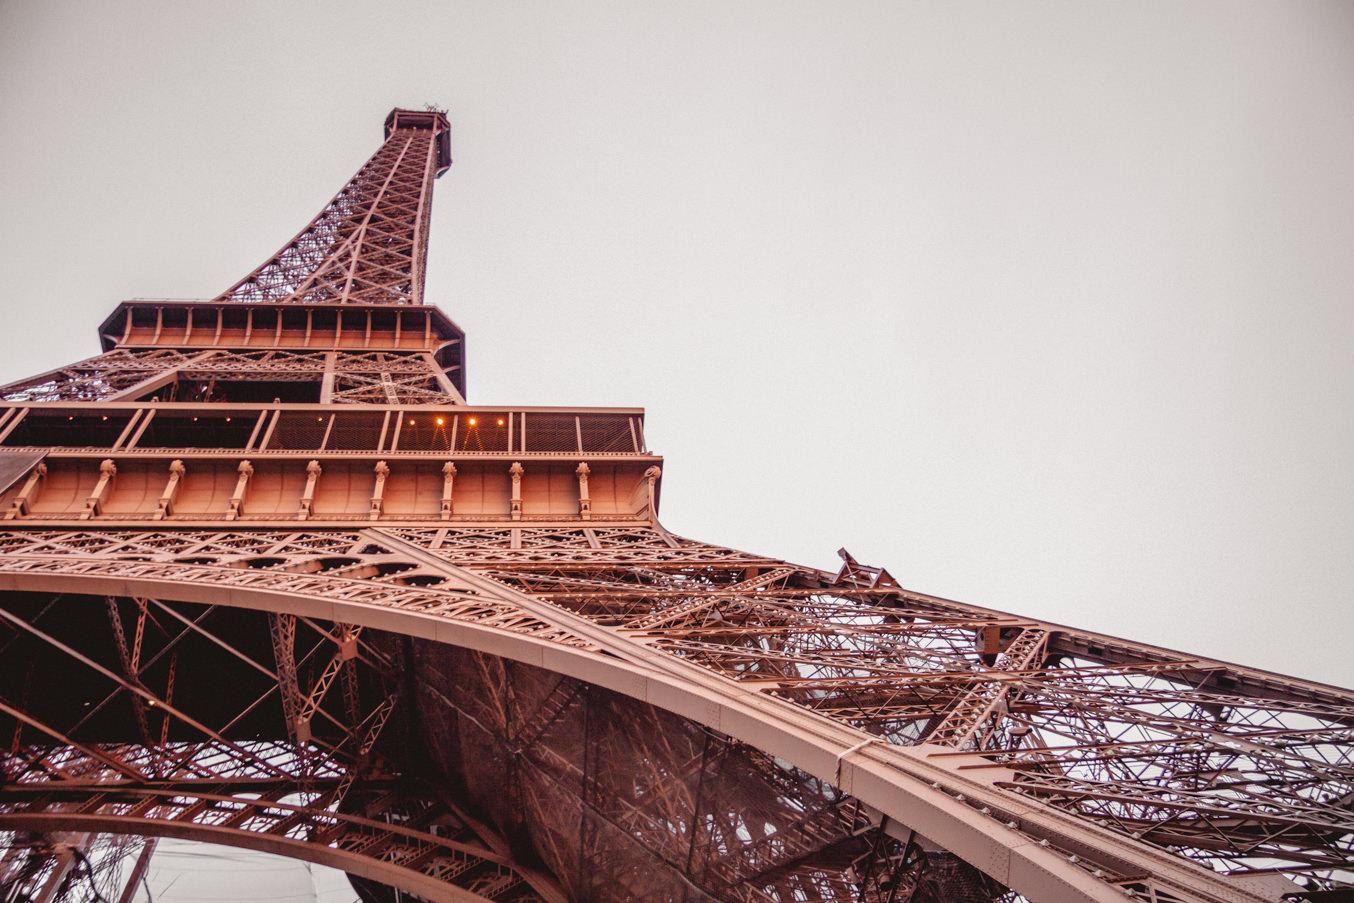 Lena_Terlutter_Paris__8300